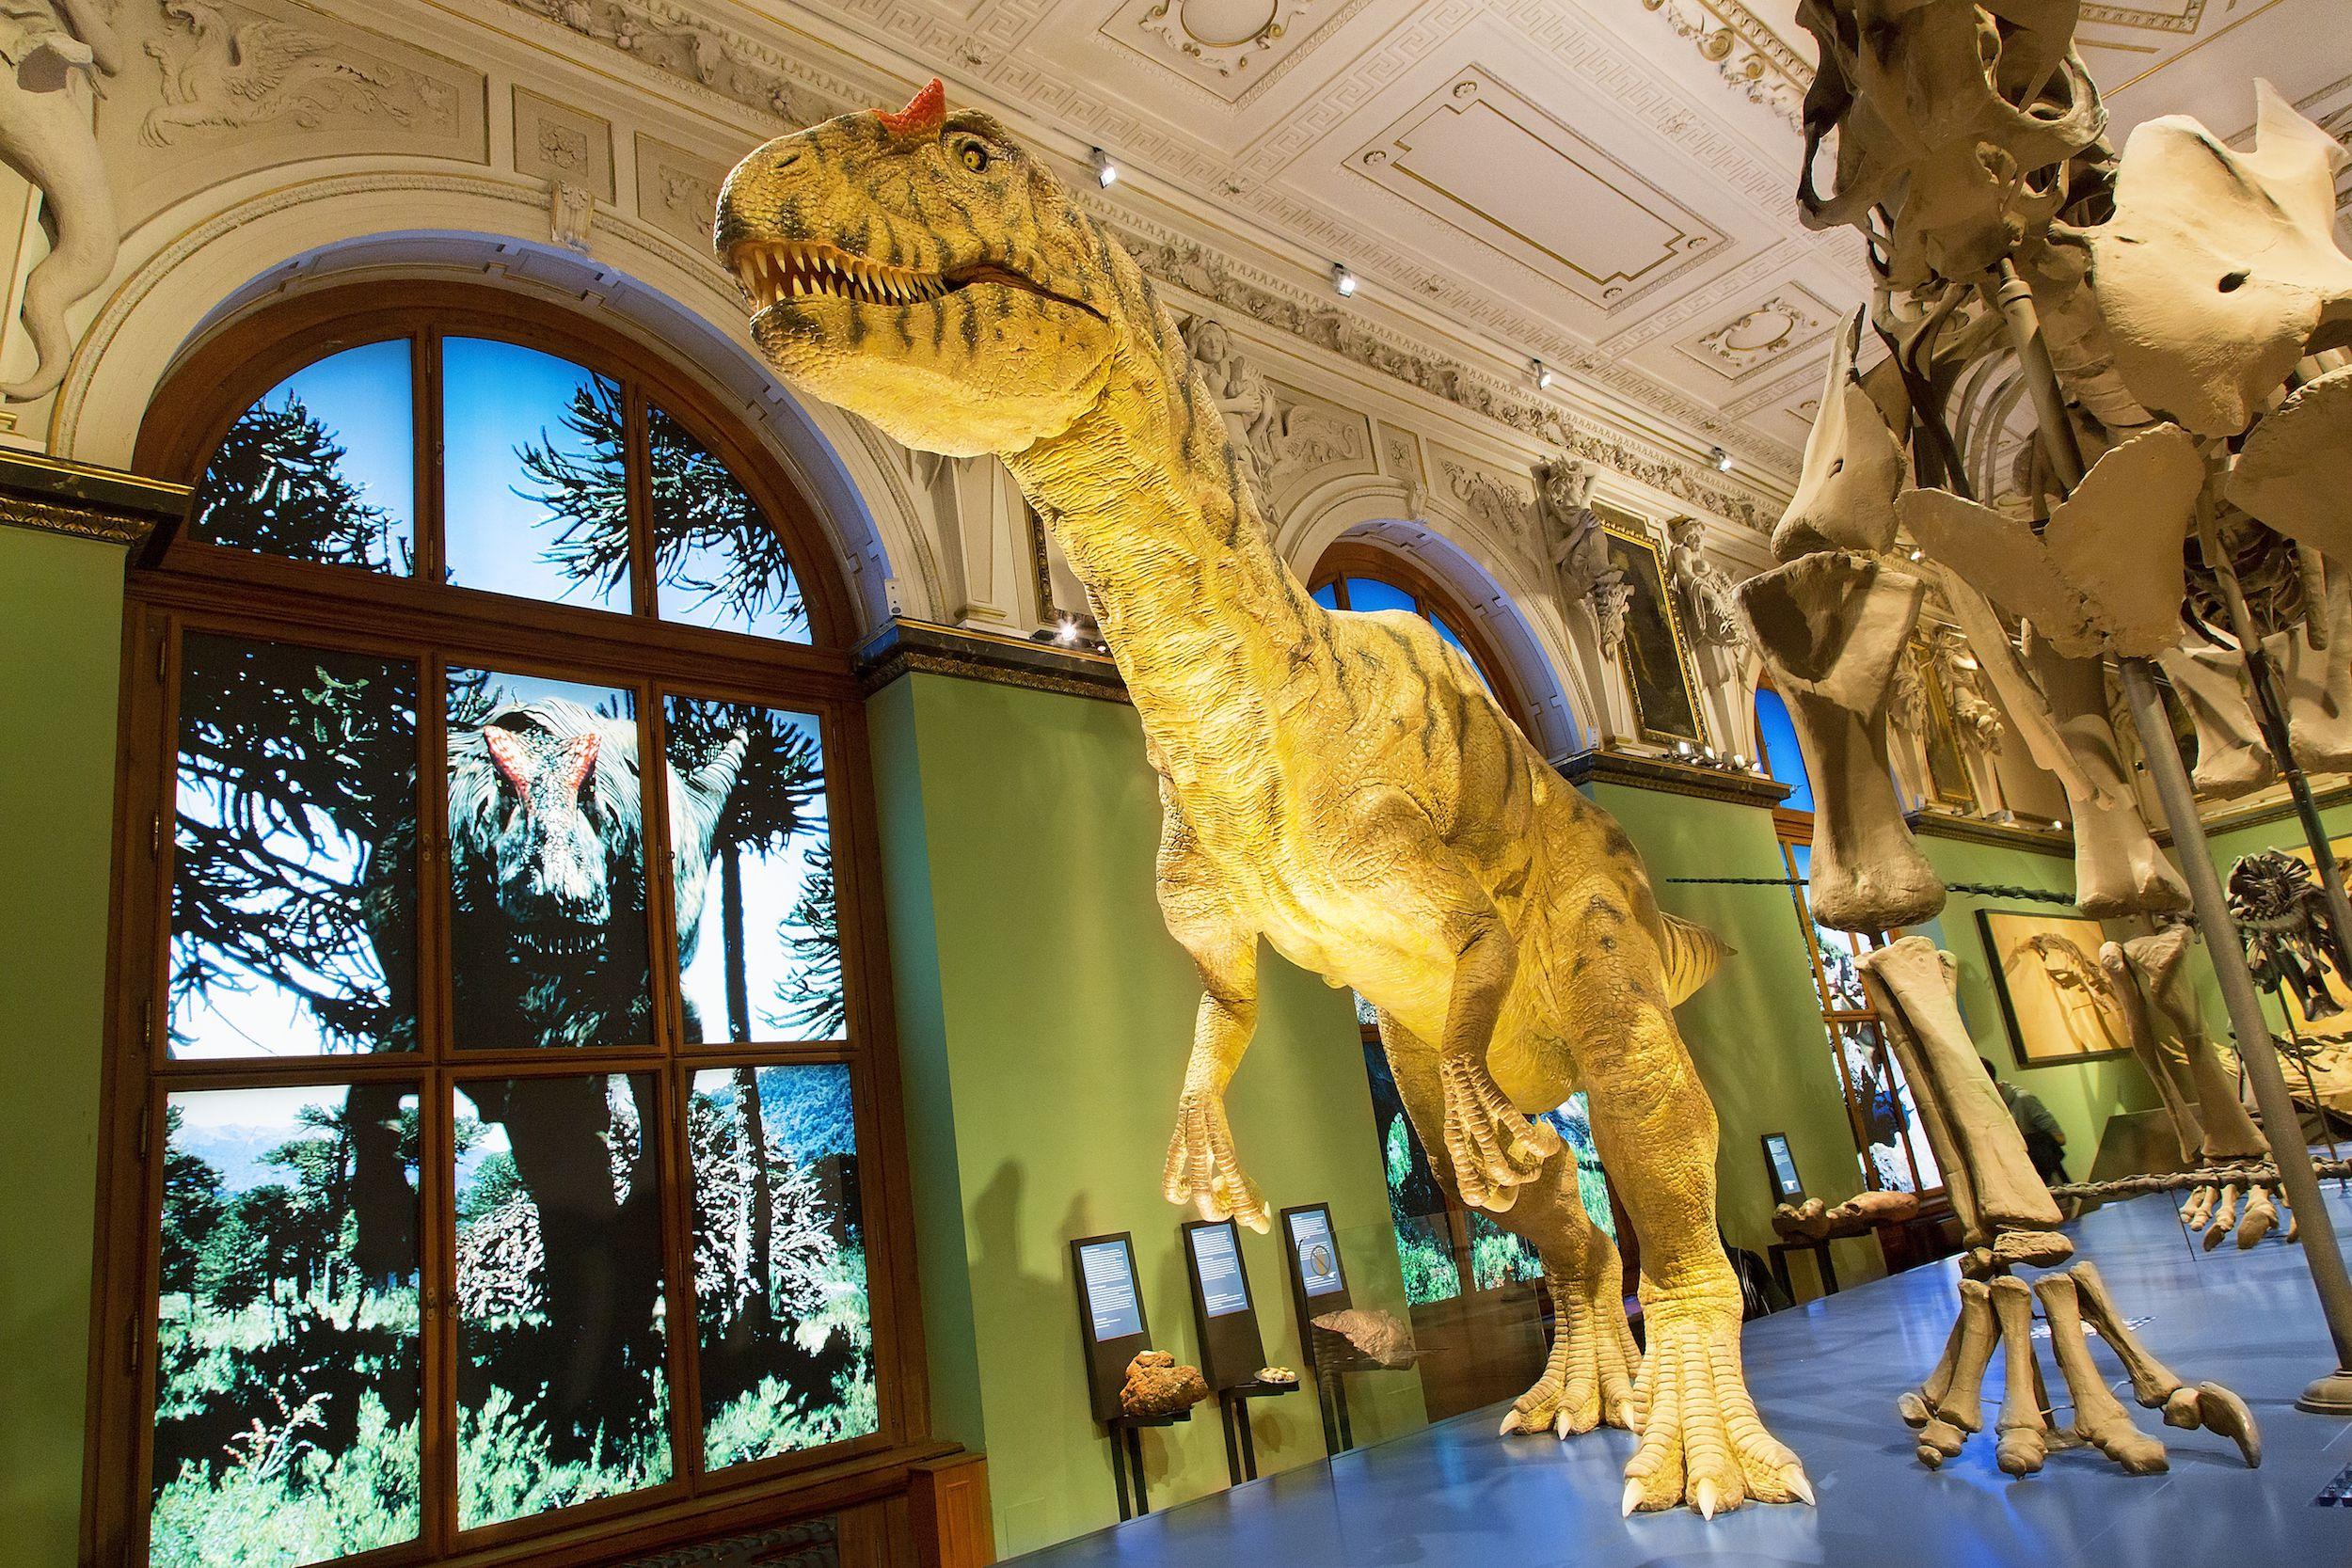 El Museo Naturhistorisches (Historia Natural). El Museo de Historia Natural en Viena es la contraparte del Museo Kunsthistorisches, justo enfrente. Fue diseñado por G. Semper y K. Hasenauer y se completó en 1881